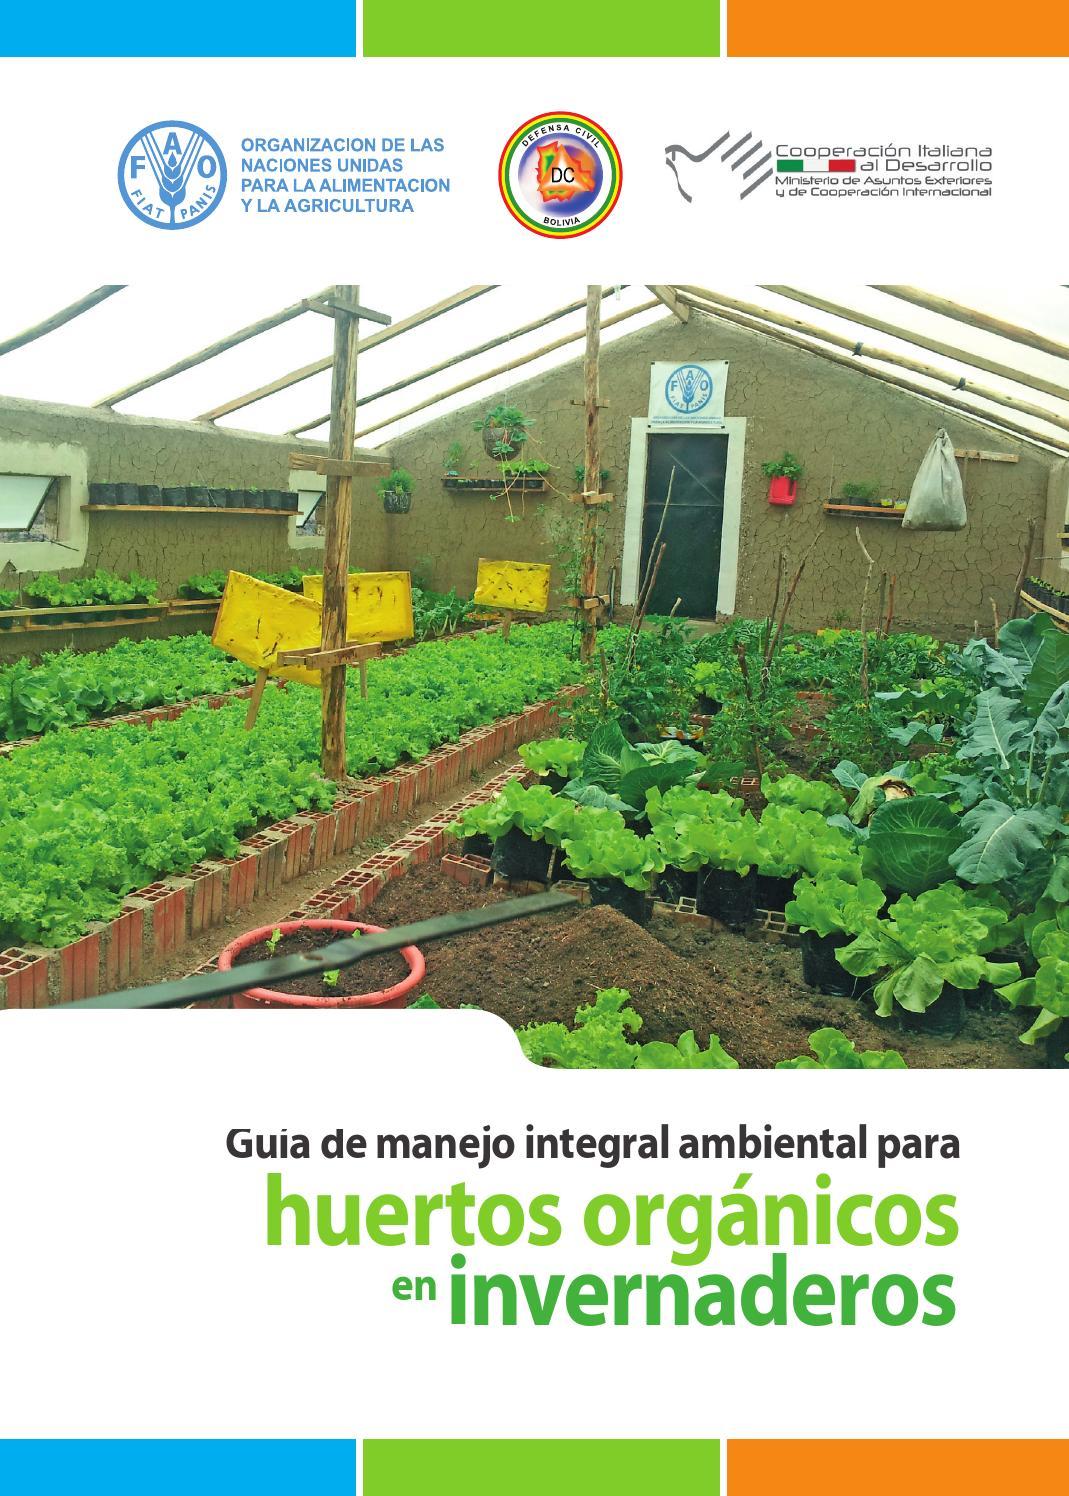 Bpa huertos org nicos en invernaderos manejo integral by for Herramientas de un vivero